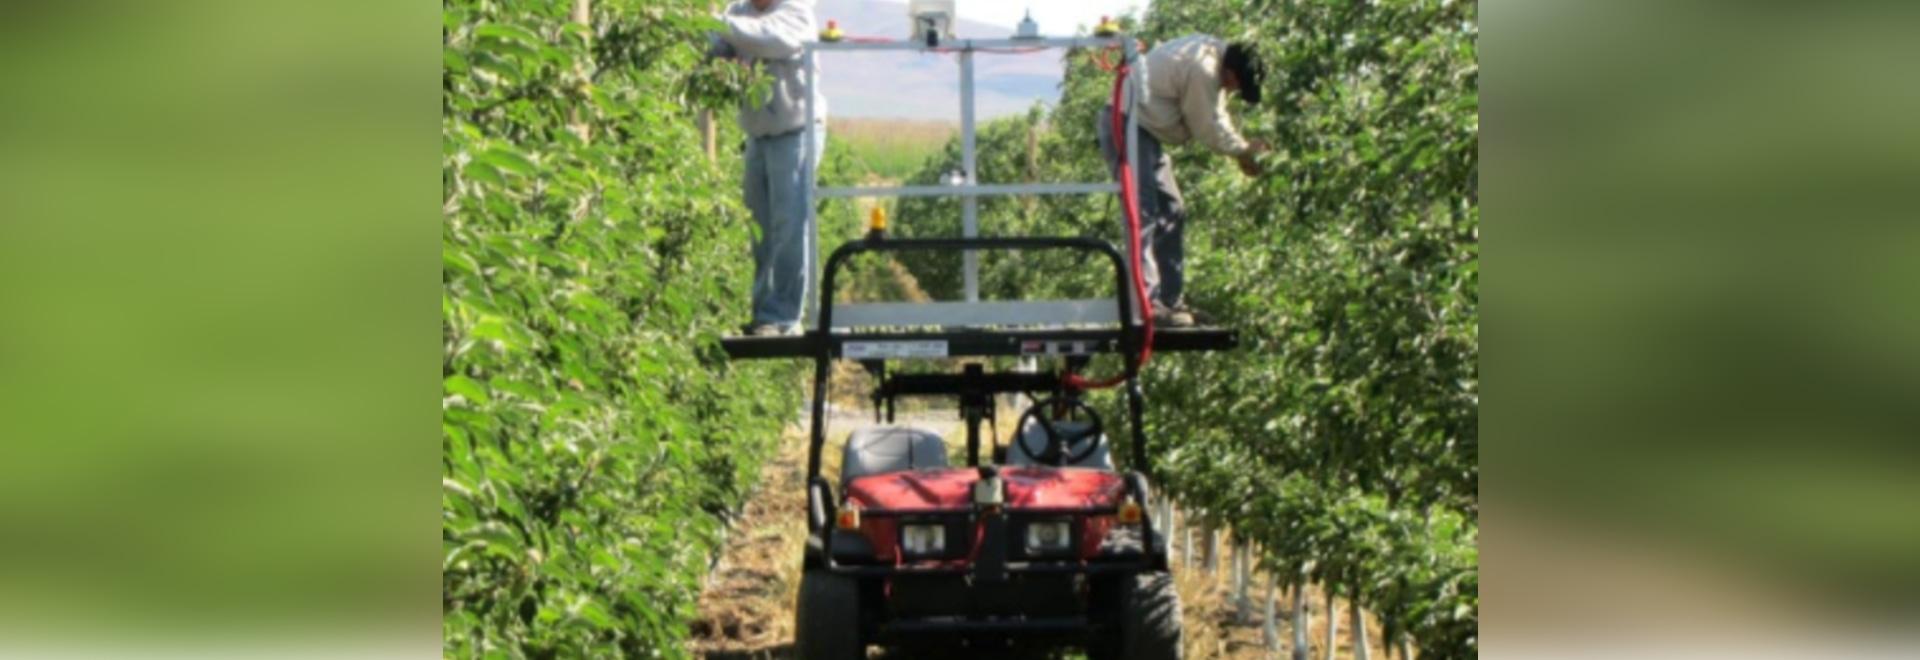 Autonomous Orchard Vehicles